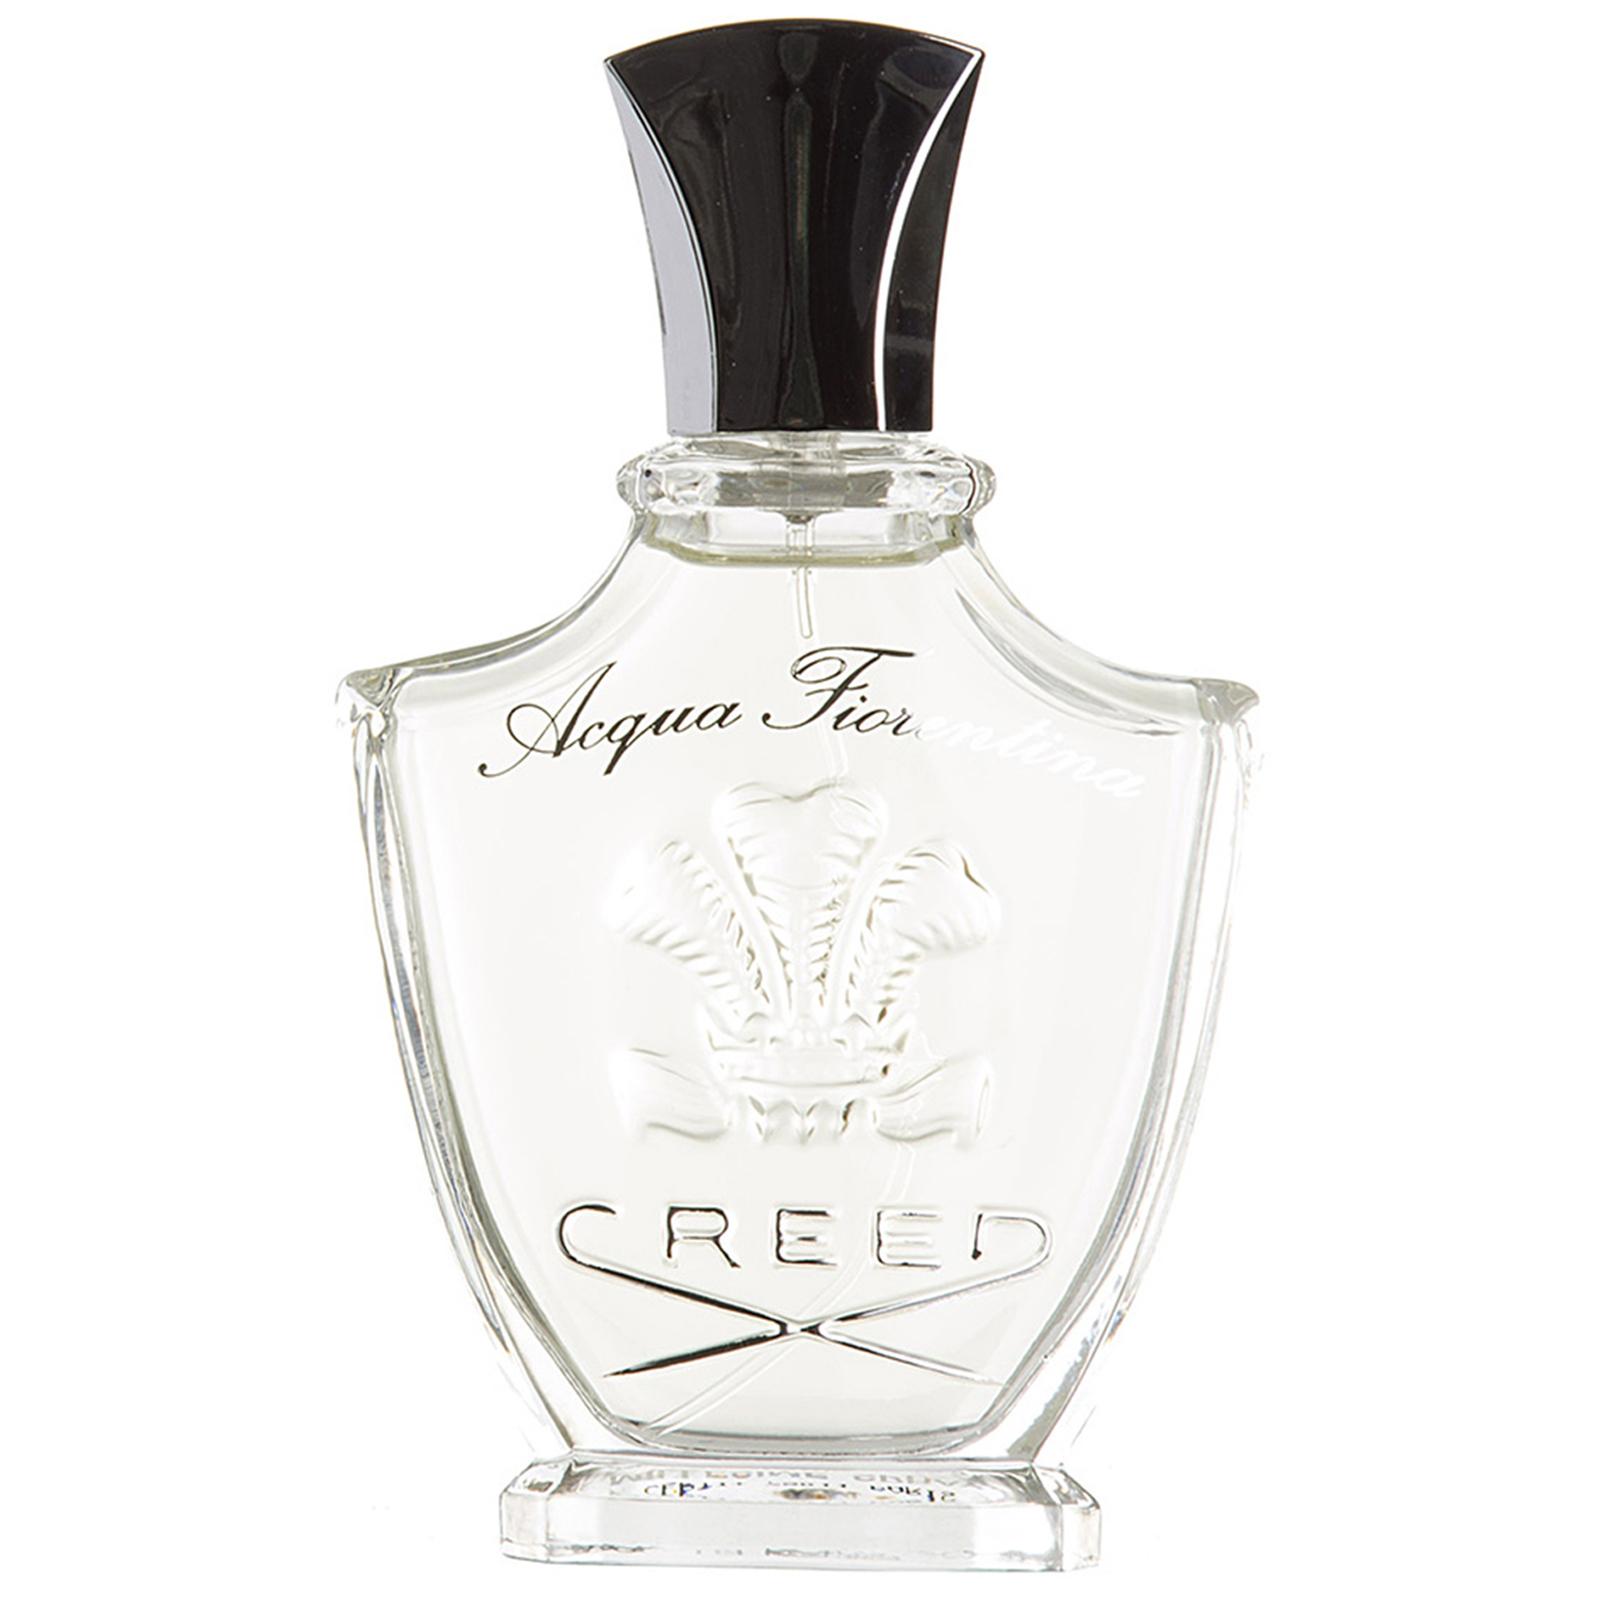 Acqua fiorentina millésime fragrancia eau de parfum 75 ml